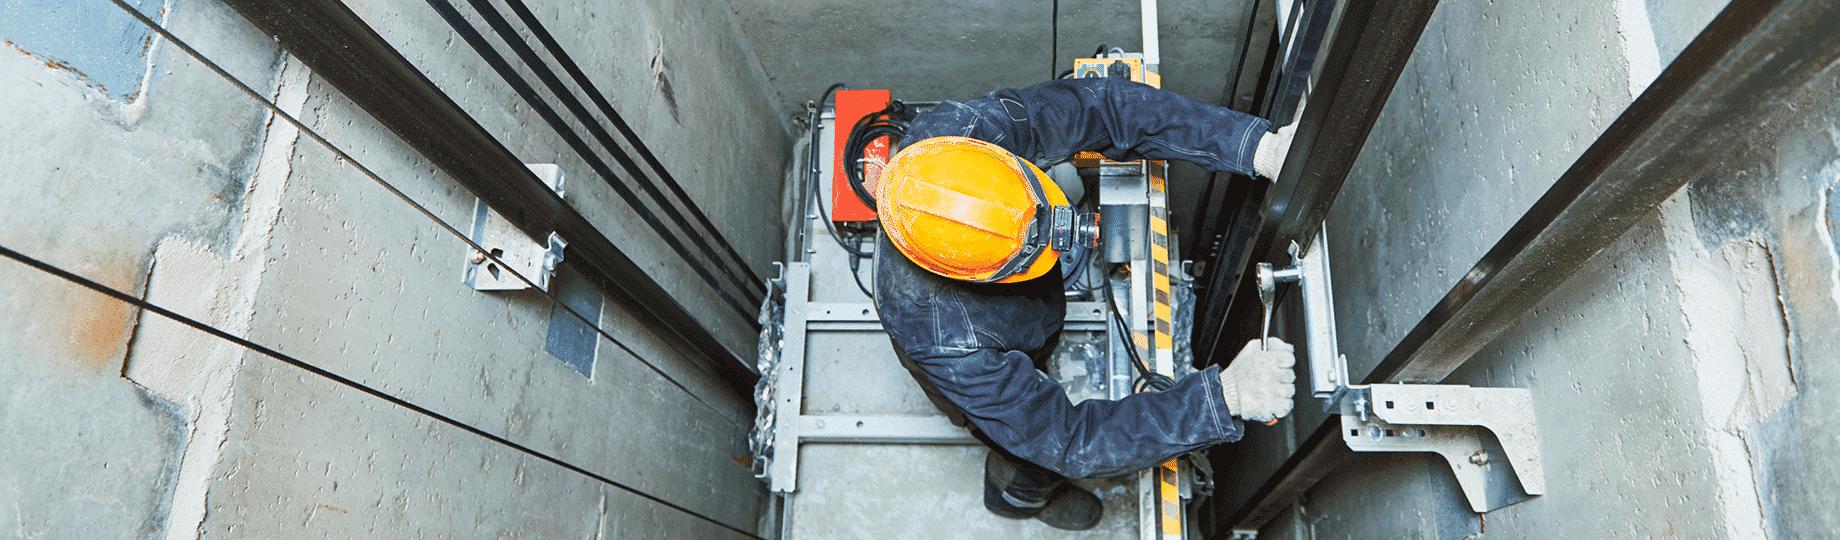 Evitar problemas com a manutenção de elevadores